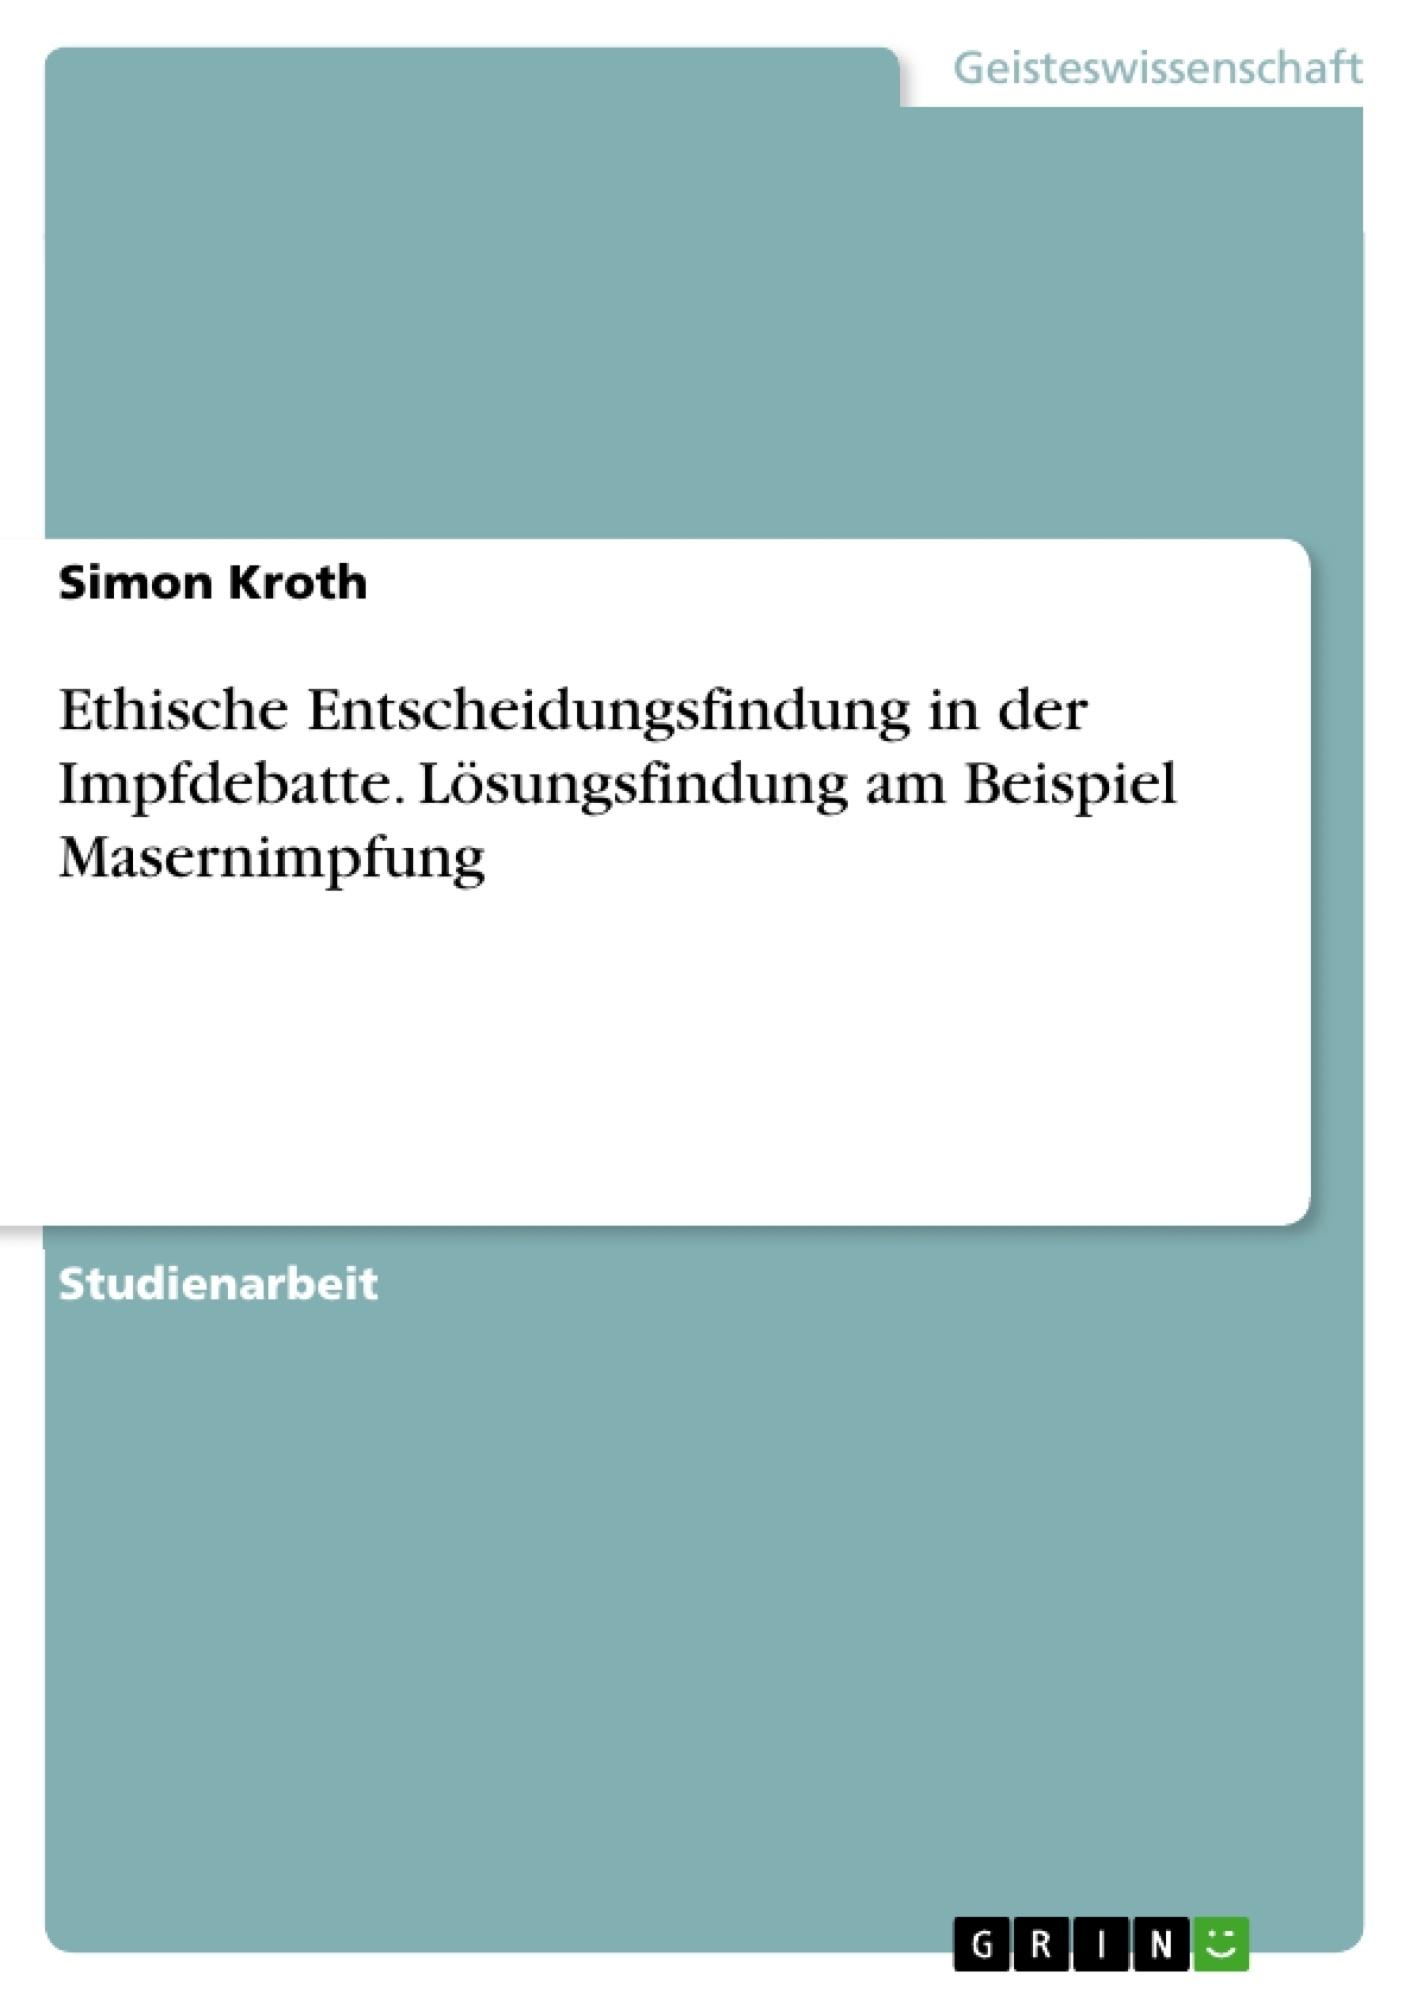 Titel: Ethische Entscheidungsfindung in der Impfdebatte. Lösungsfindung am Beispiel Masernimpfung